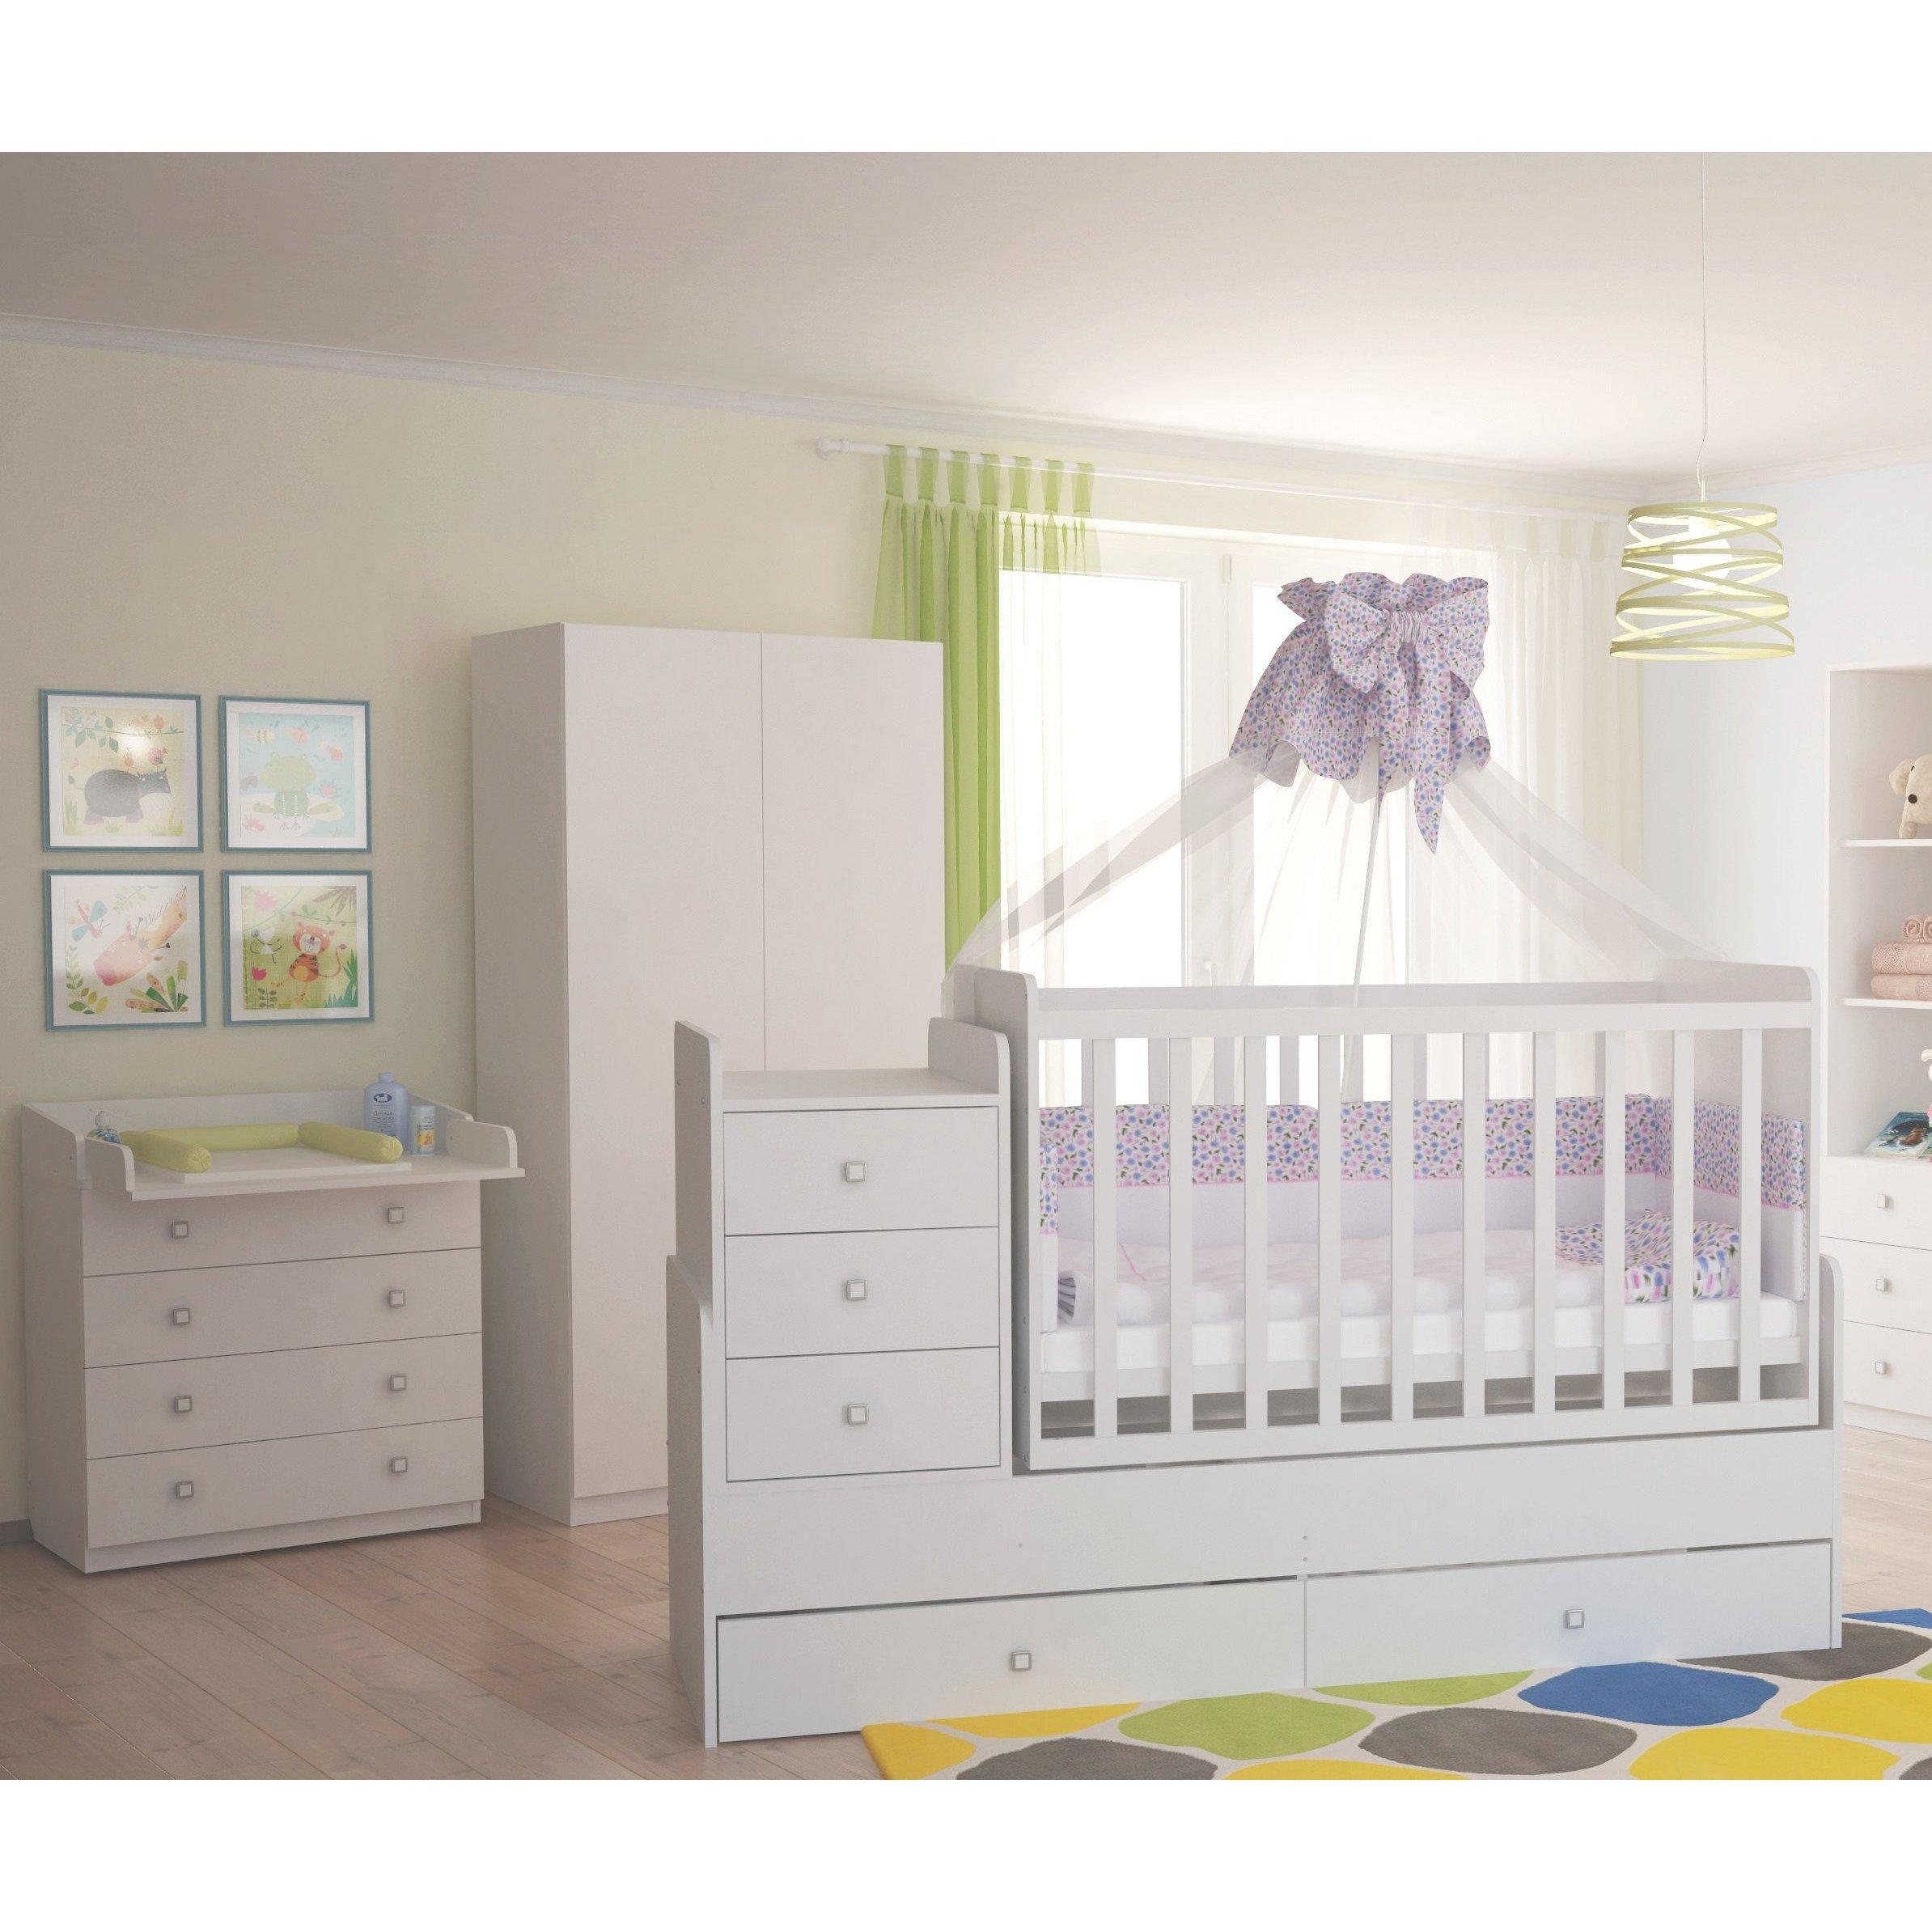 Full Size of Polini Kids Kinderzimmer Set In Wei Kommode Schrank Bett Polinikids Hotel Bad Bentheim Wohnzimmer Lampen Massiv Betten Pantryküche Mit Kühlschrank Bett Bett Im Schrank